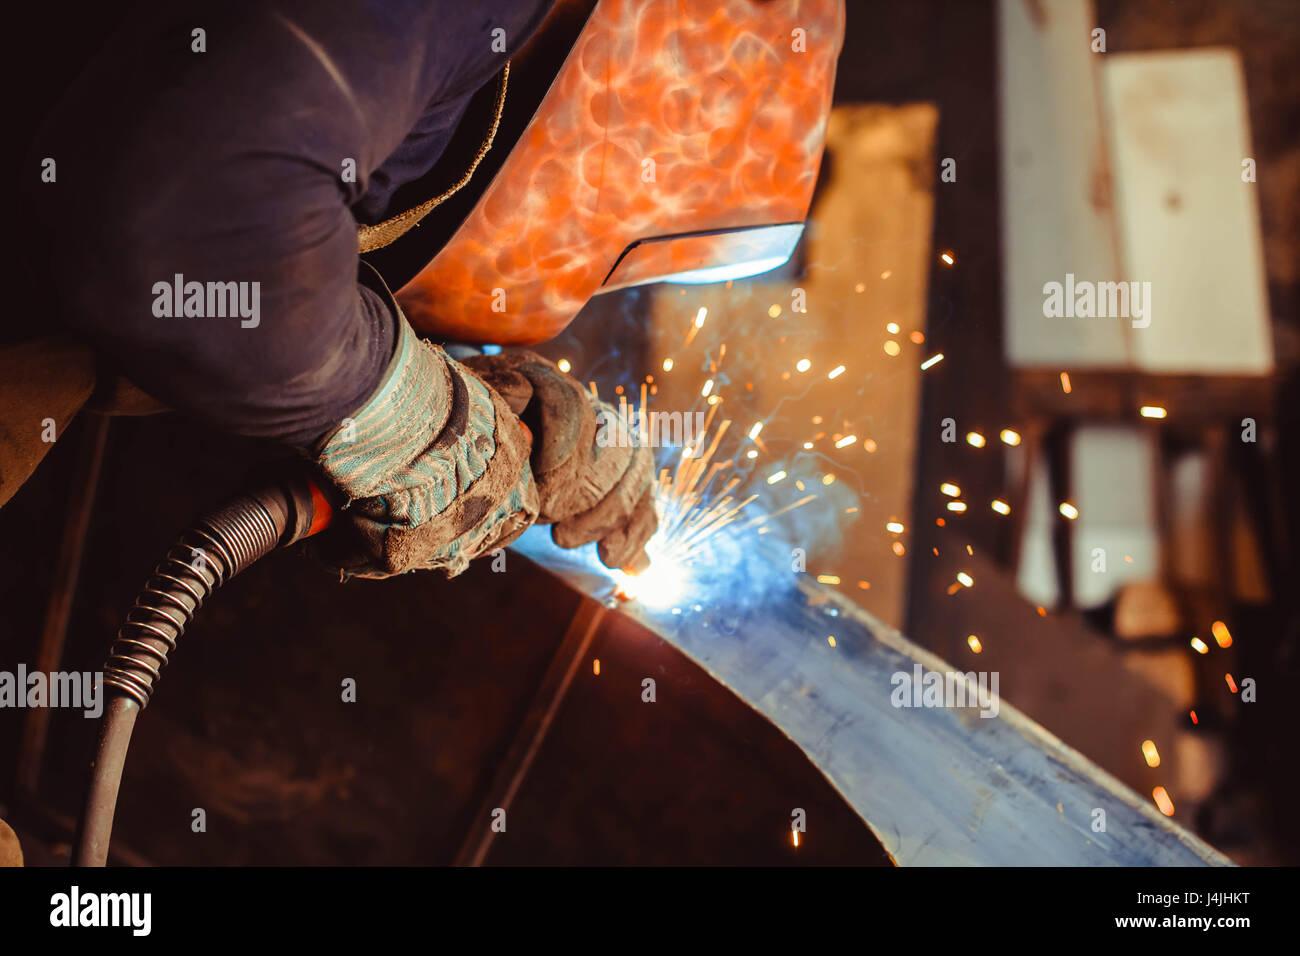 Saldatura metalli con la formazione di scintille e di fumo Immagini Stock